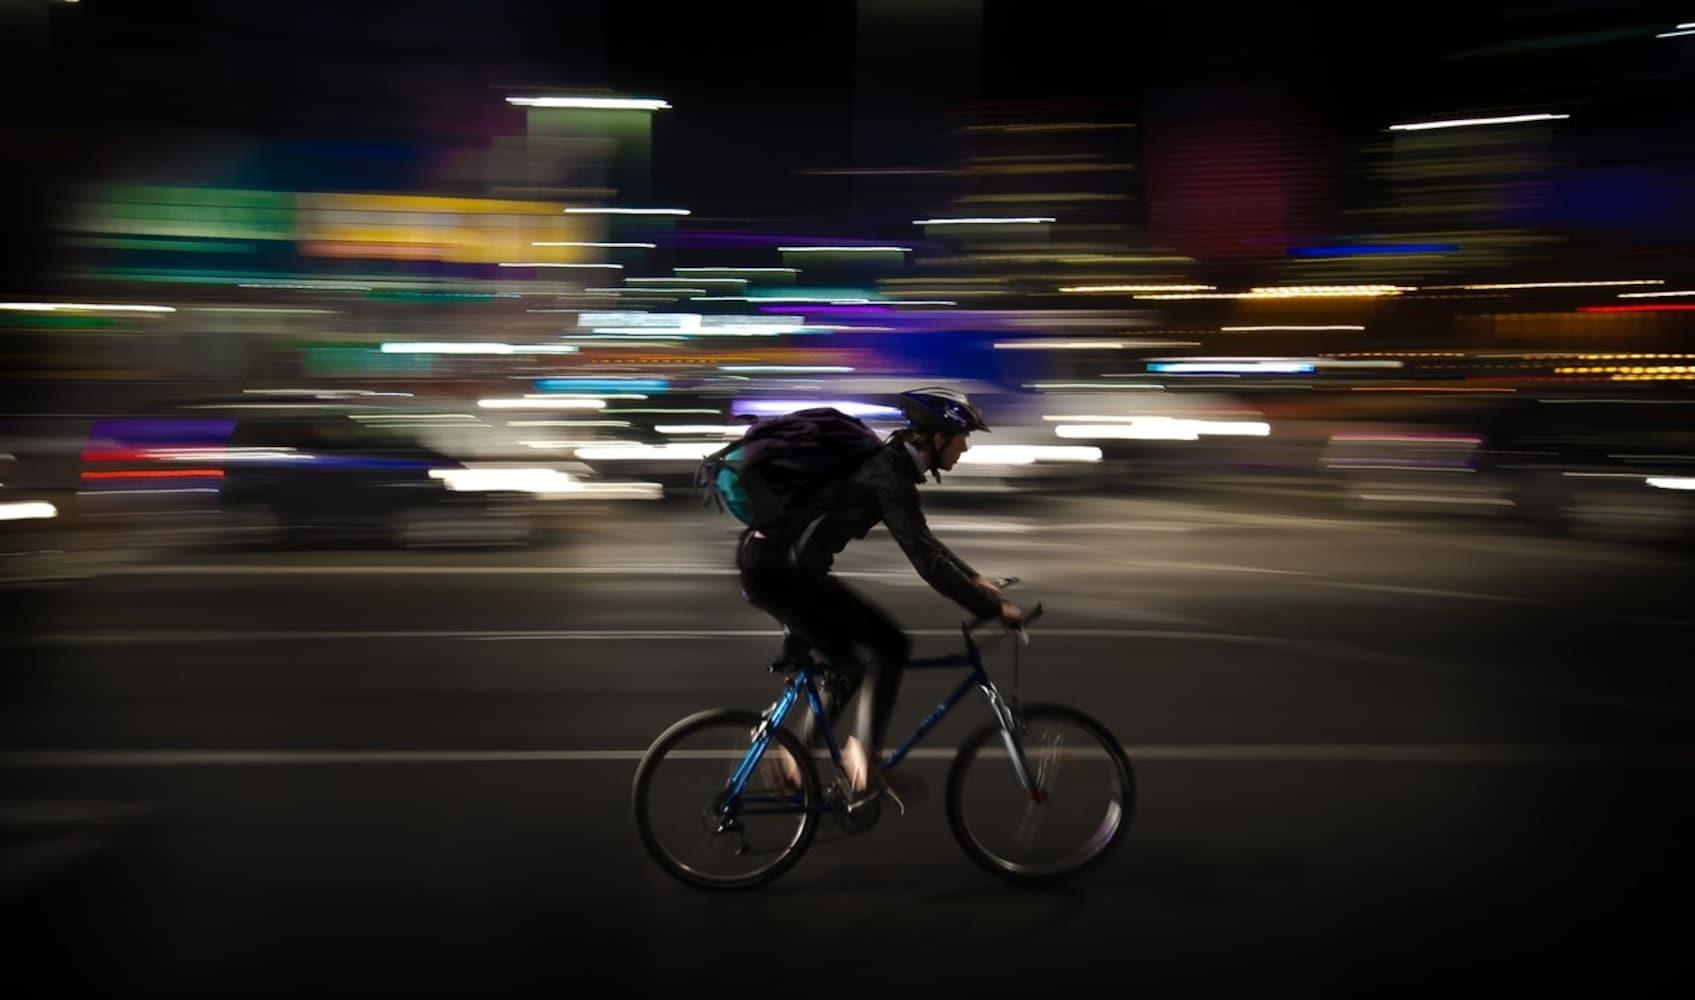 夜の街をロードバイクで走る男性